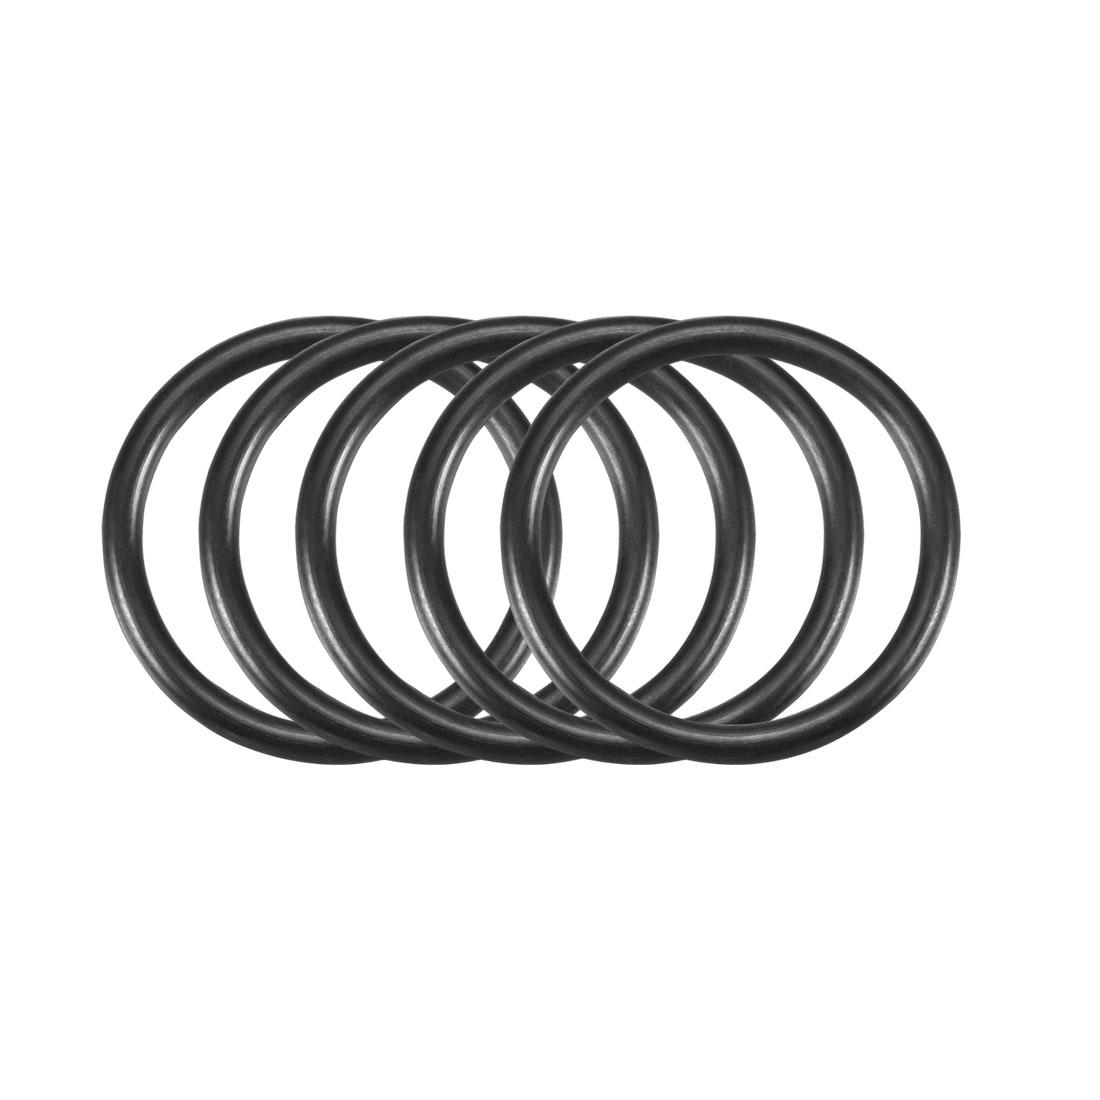 50pcs Black Nitrile Butadiene Rubber NBR O-Ring 21.8mm Inner Dia 2.4mm Width